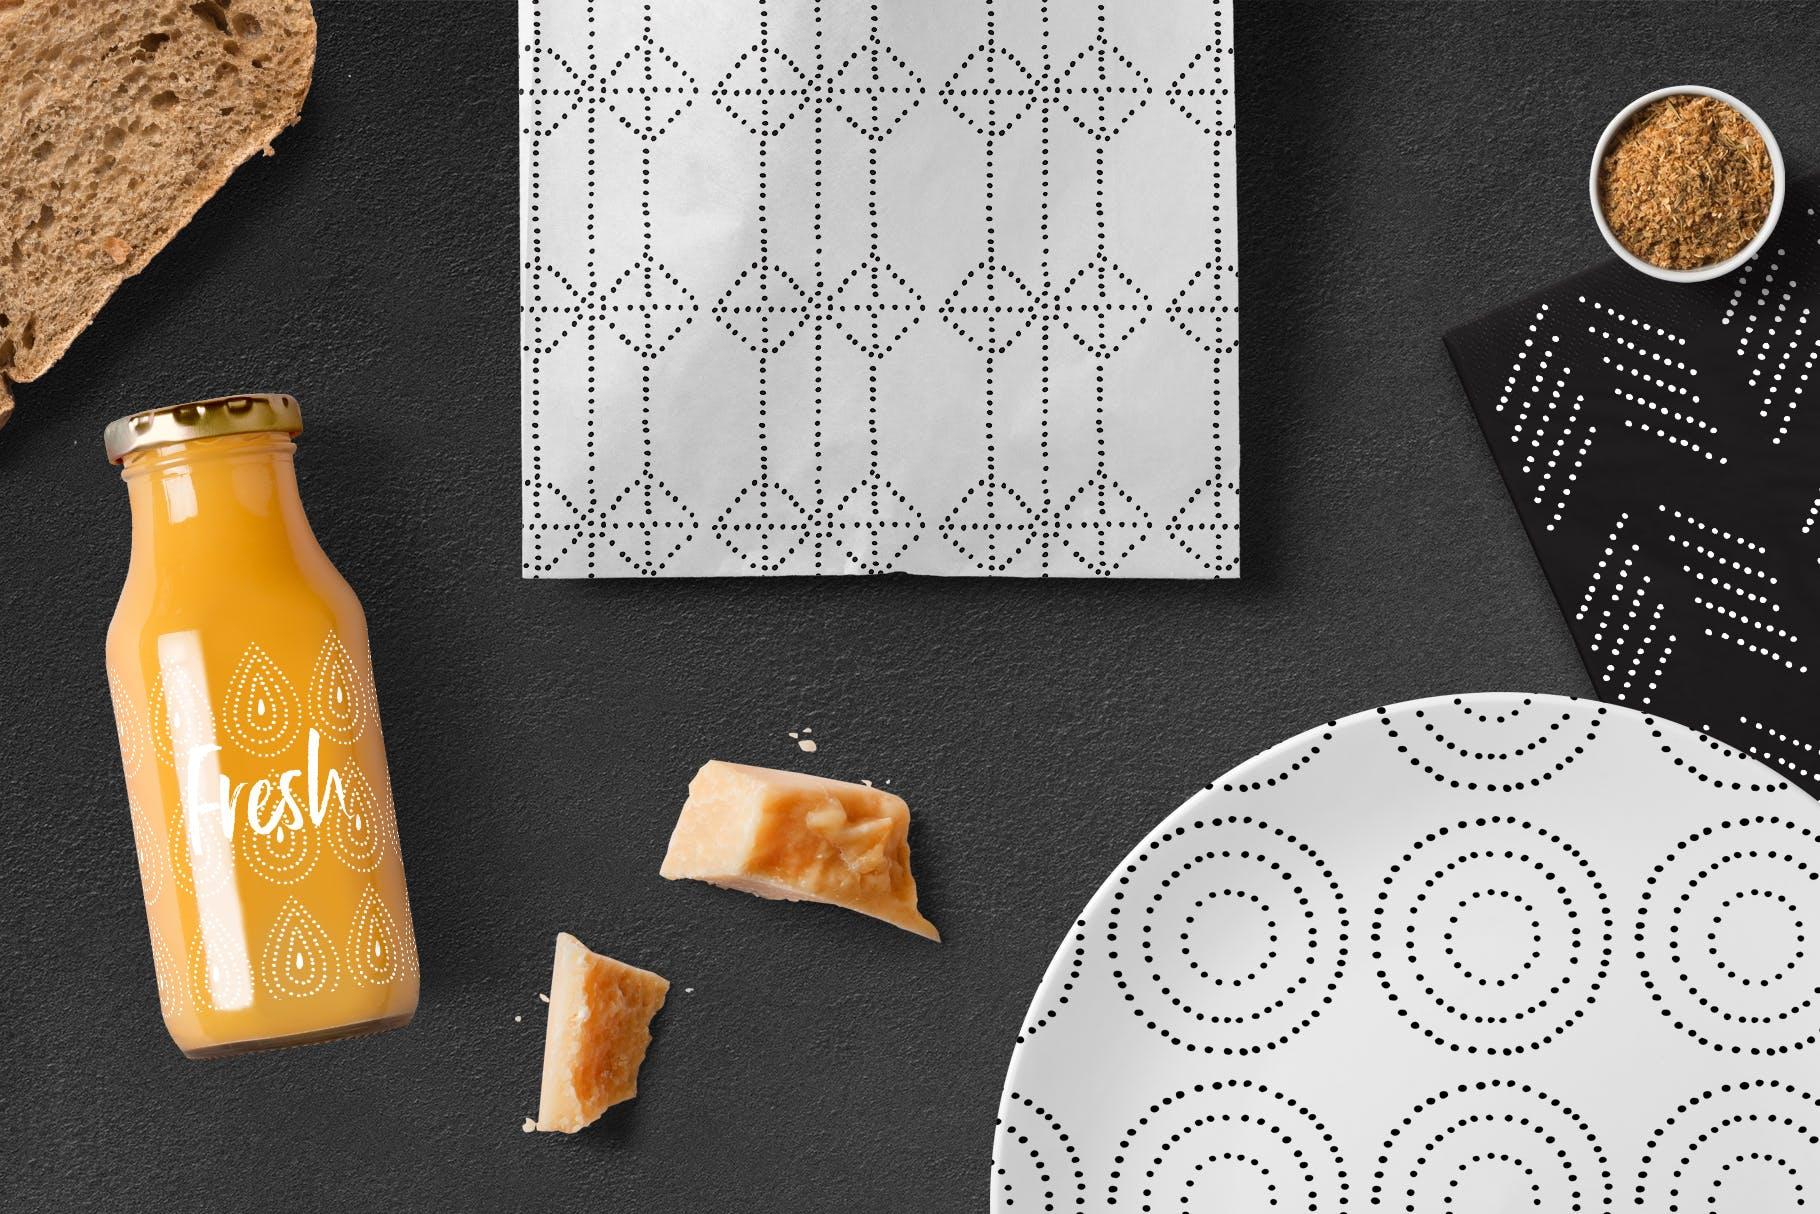 几何形状手工制作图案纹理素材下载Dotted Vector Patterns Tiles插图(8)